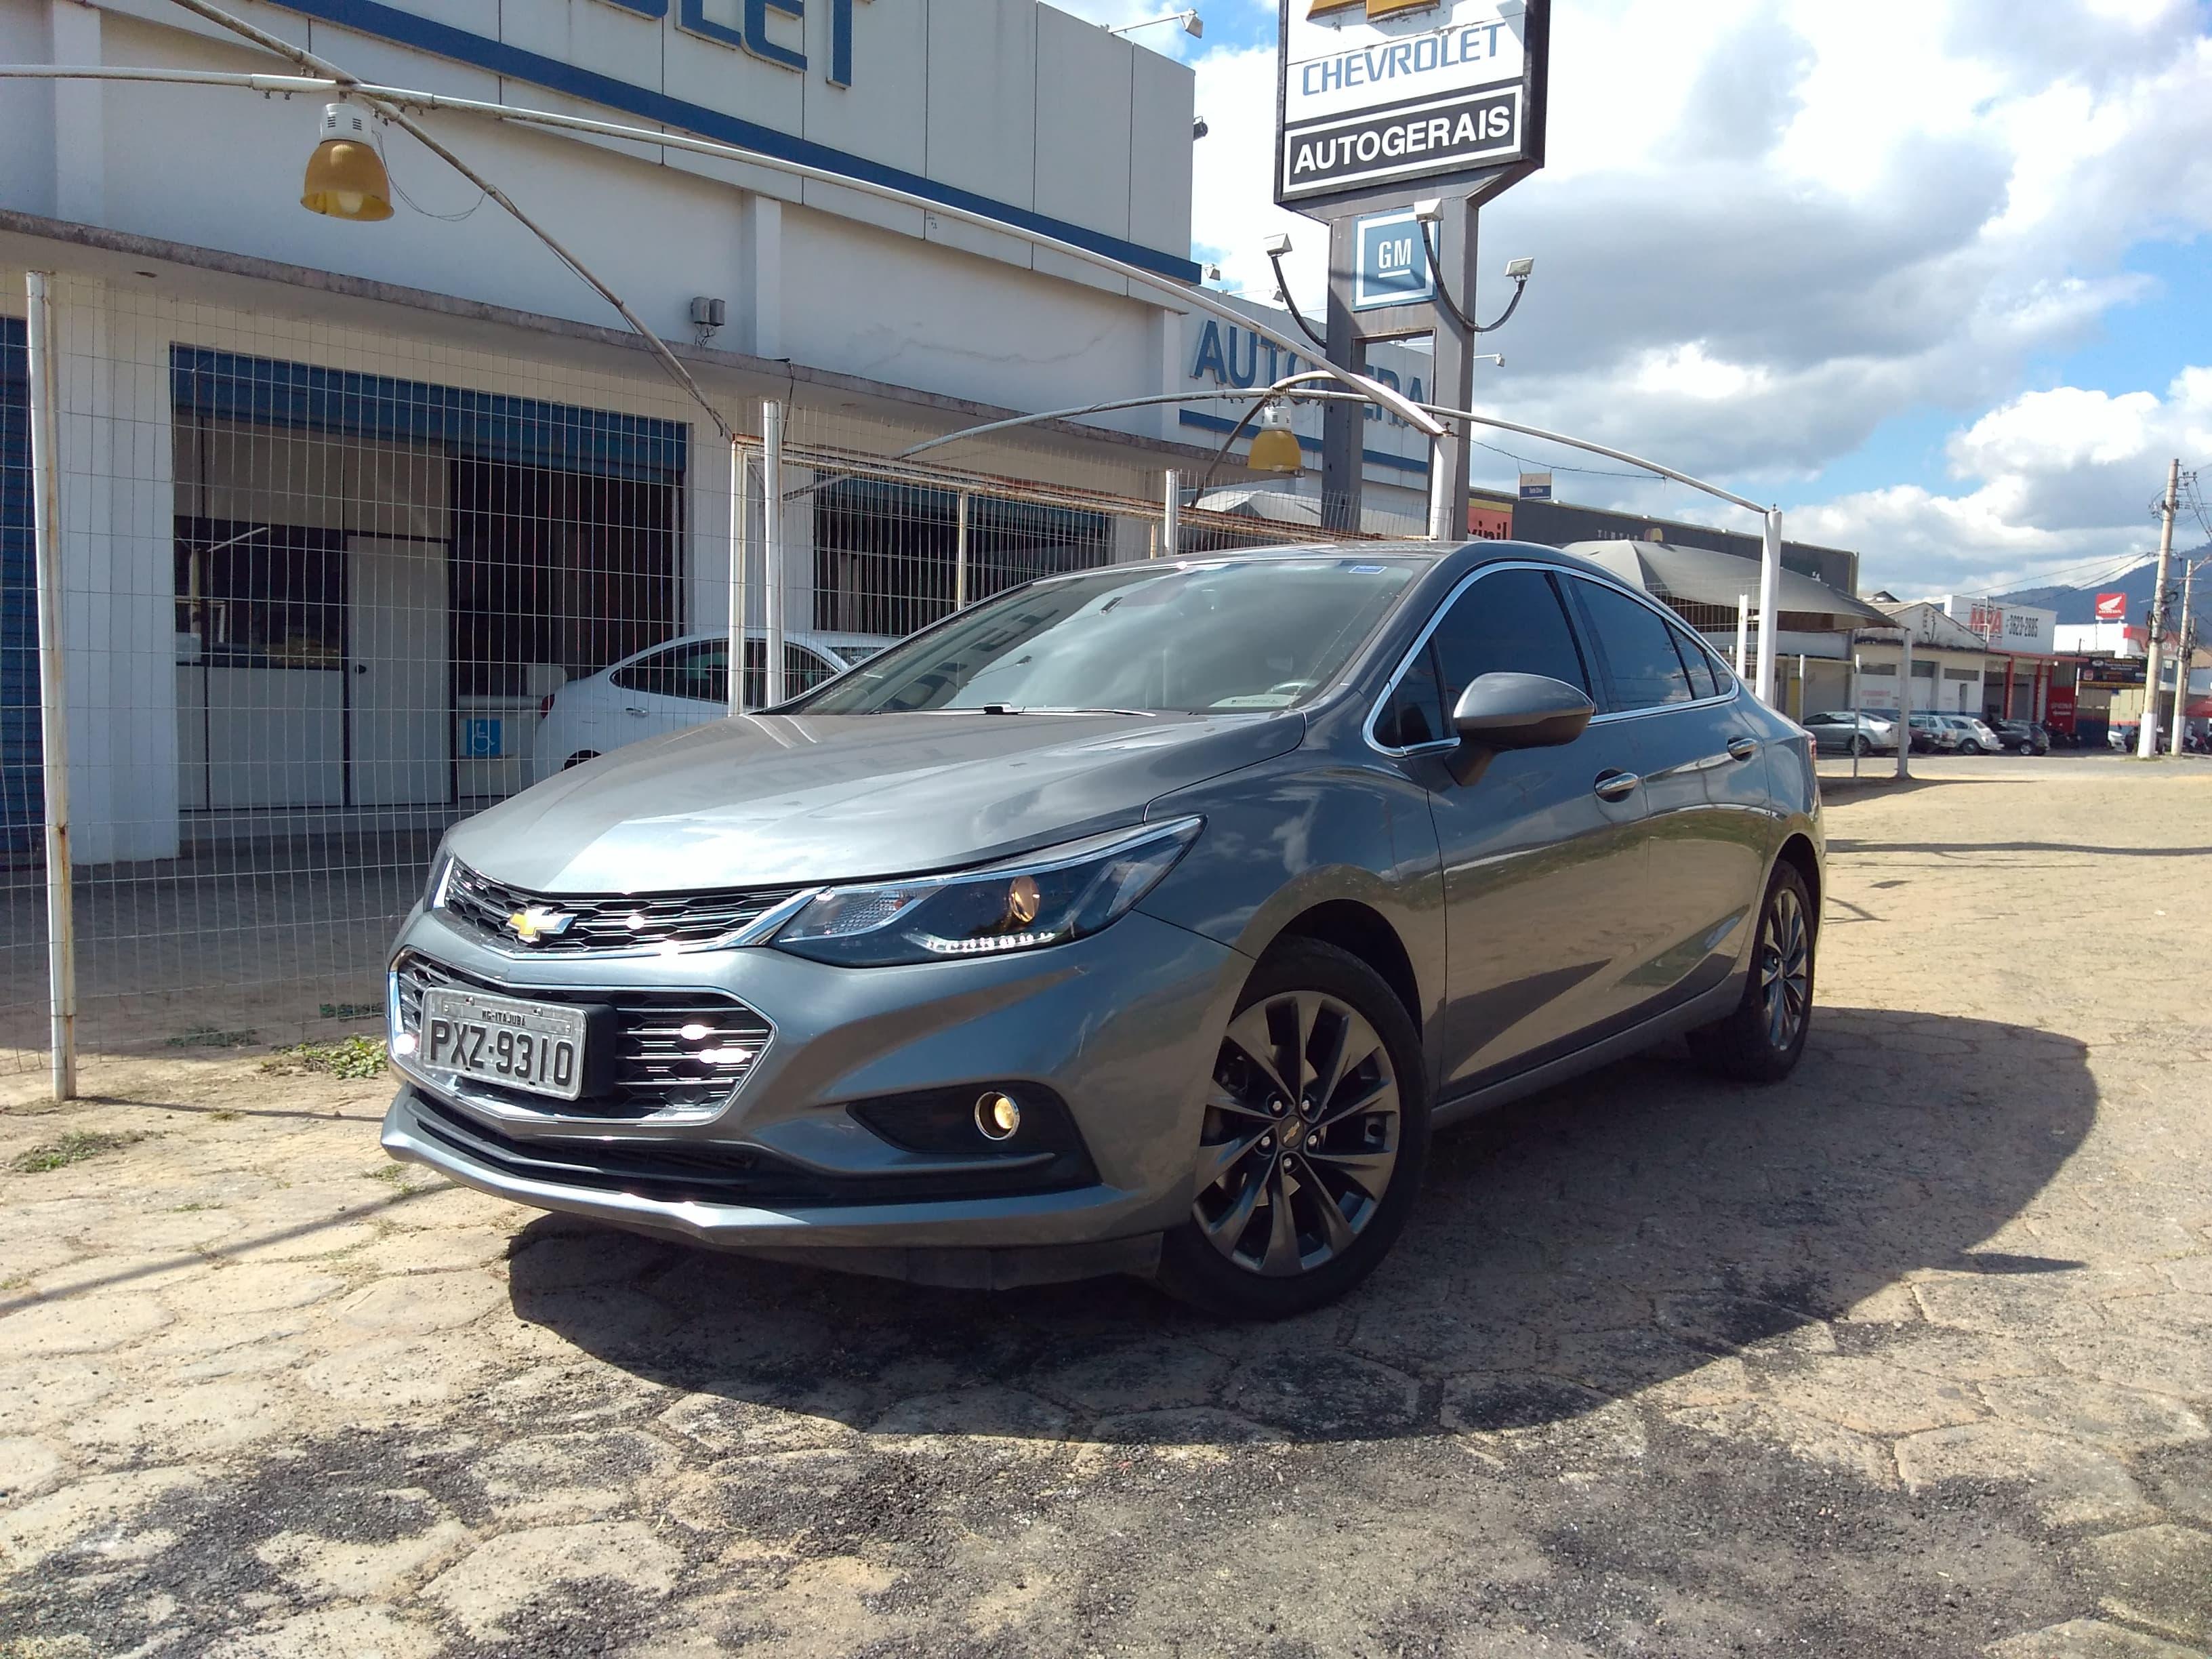 Chevrolet CRUZE LTZ I 1.4 2017